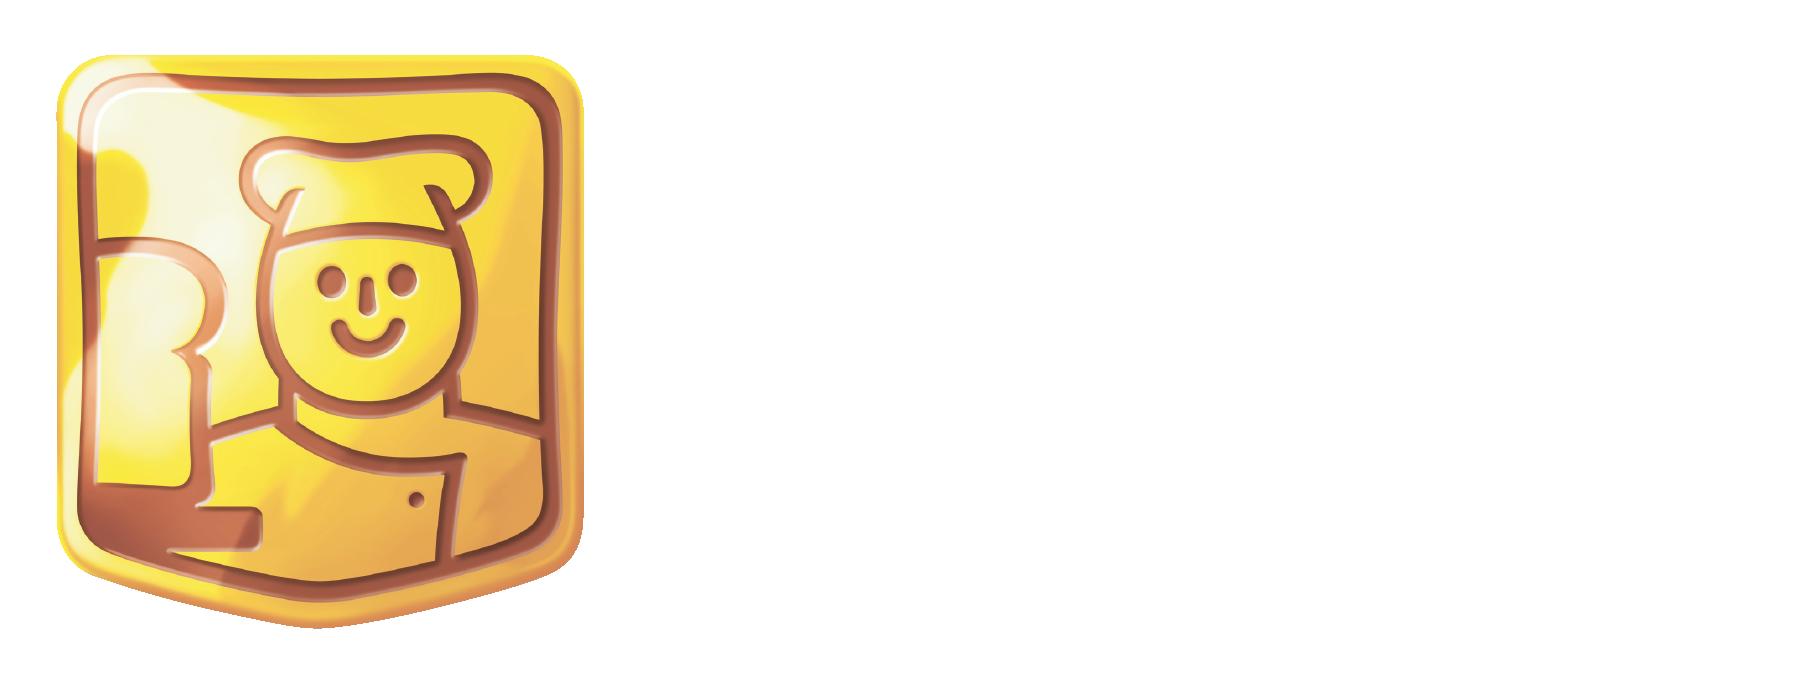 Van der Woerd